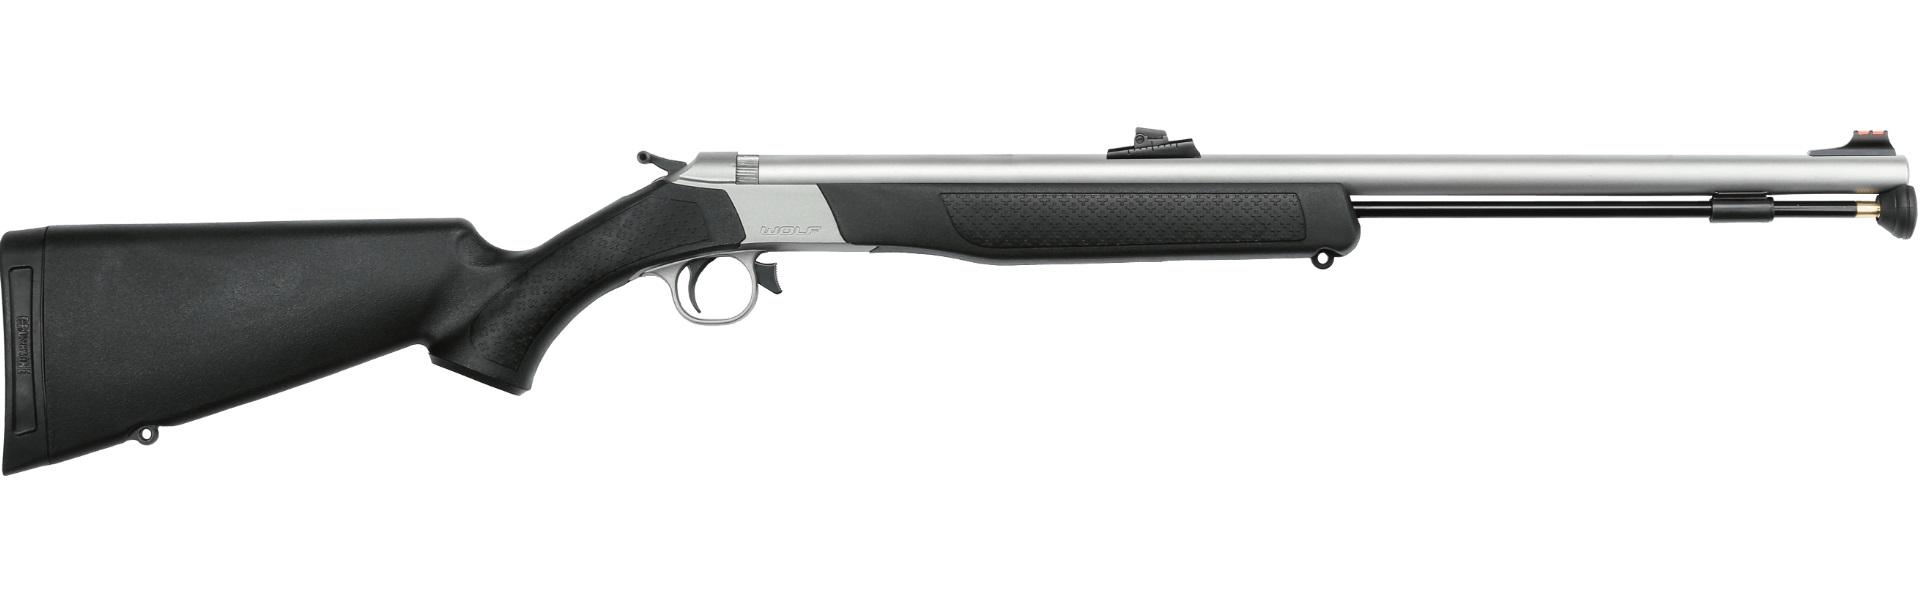 CVA WOLF .50 CALIBER